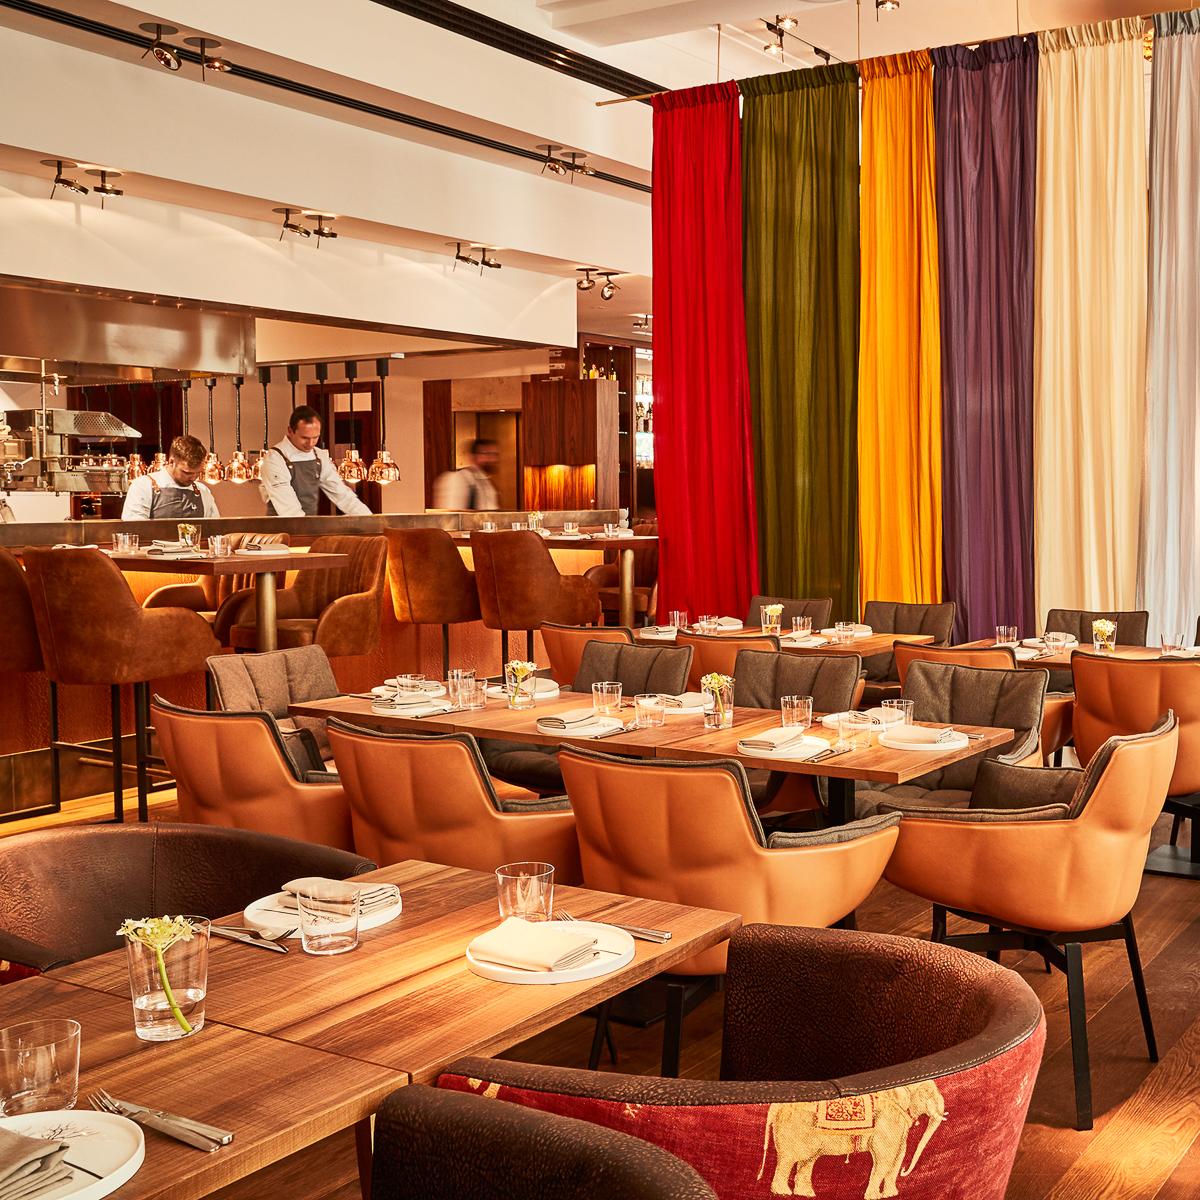 restaurant des hotel orania in kreuzberg berlin creme. Black Bedroom Furniture Sets. Home Design Ideas